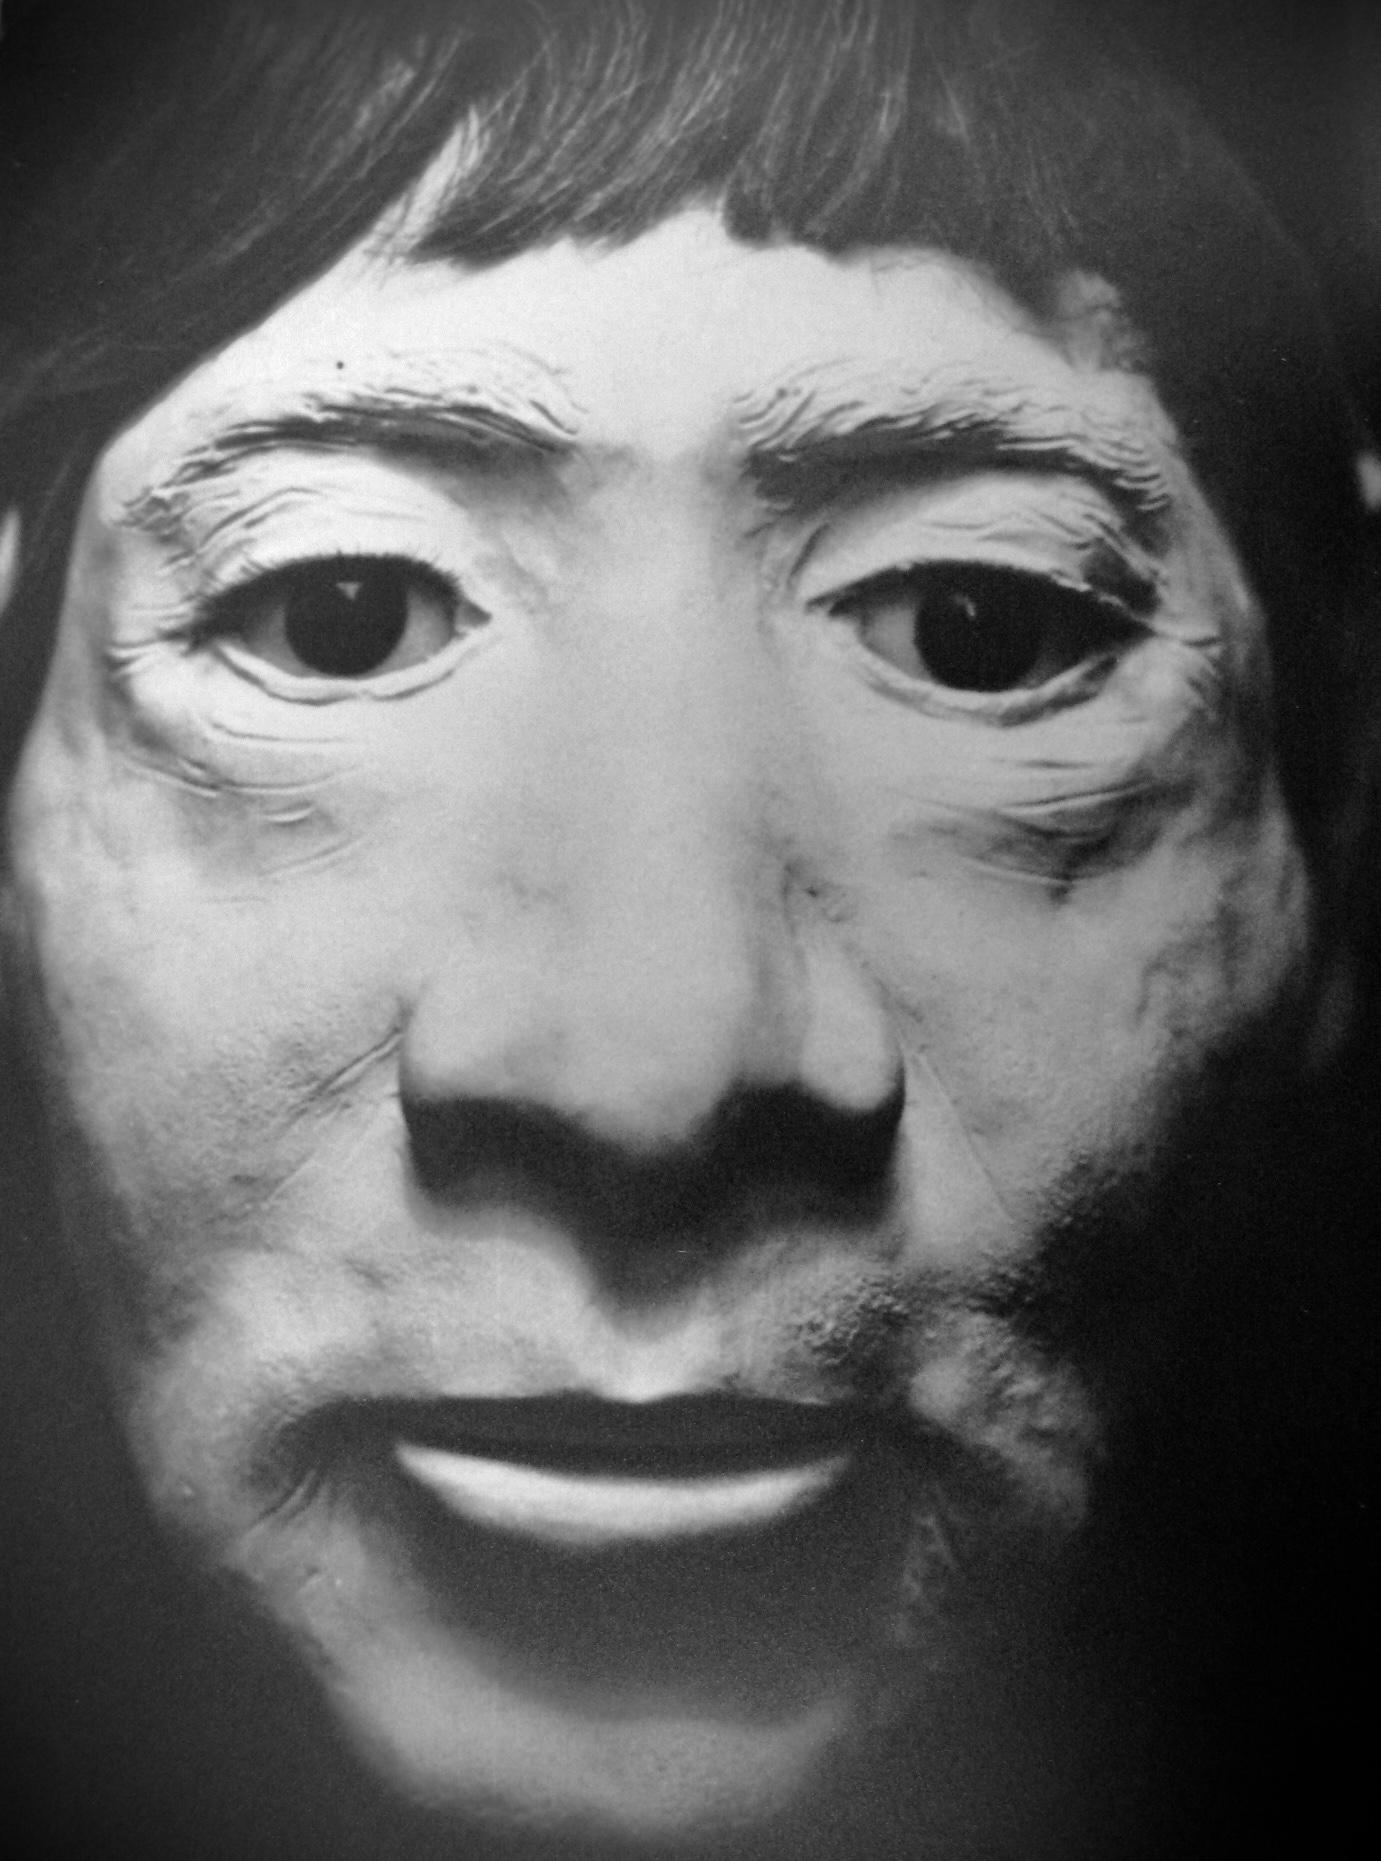 Clarksburg John Doe (1988)